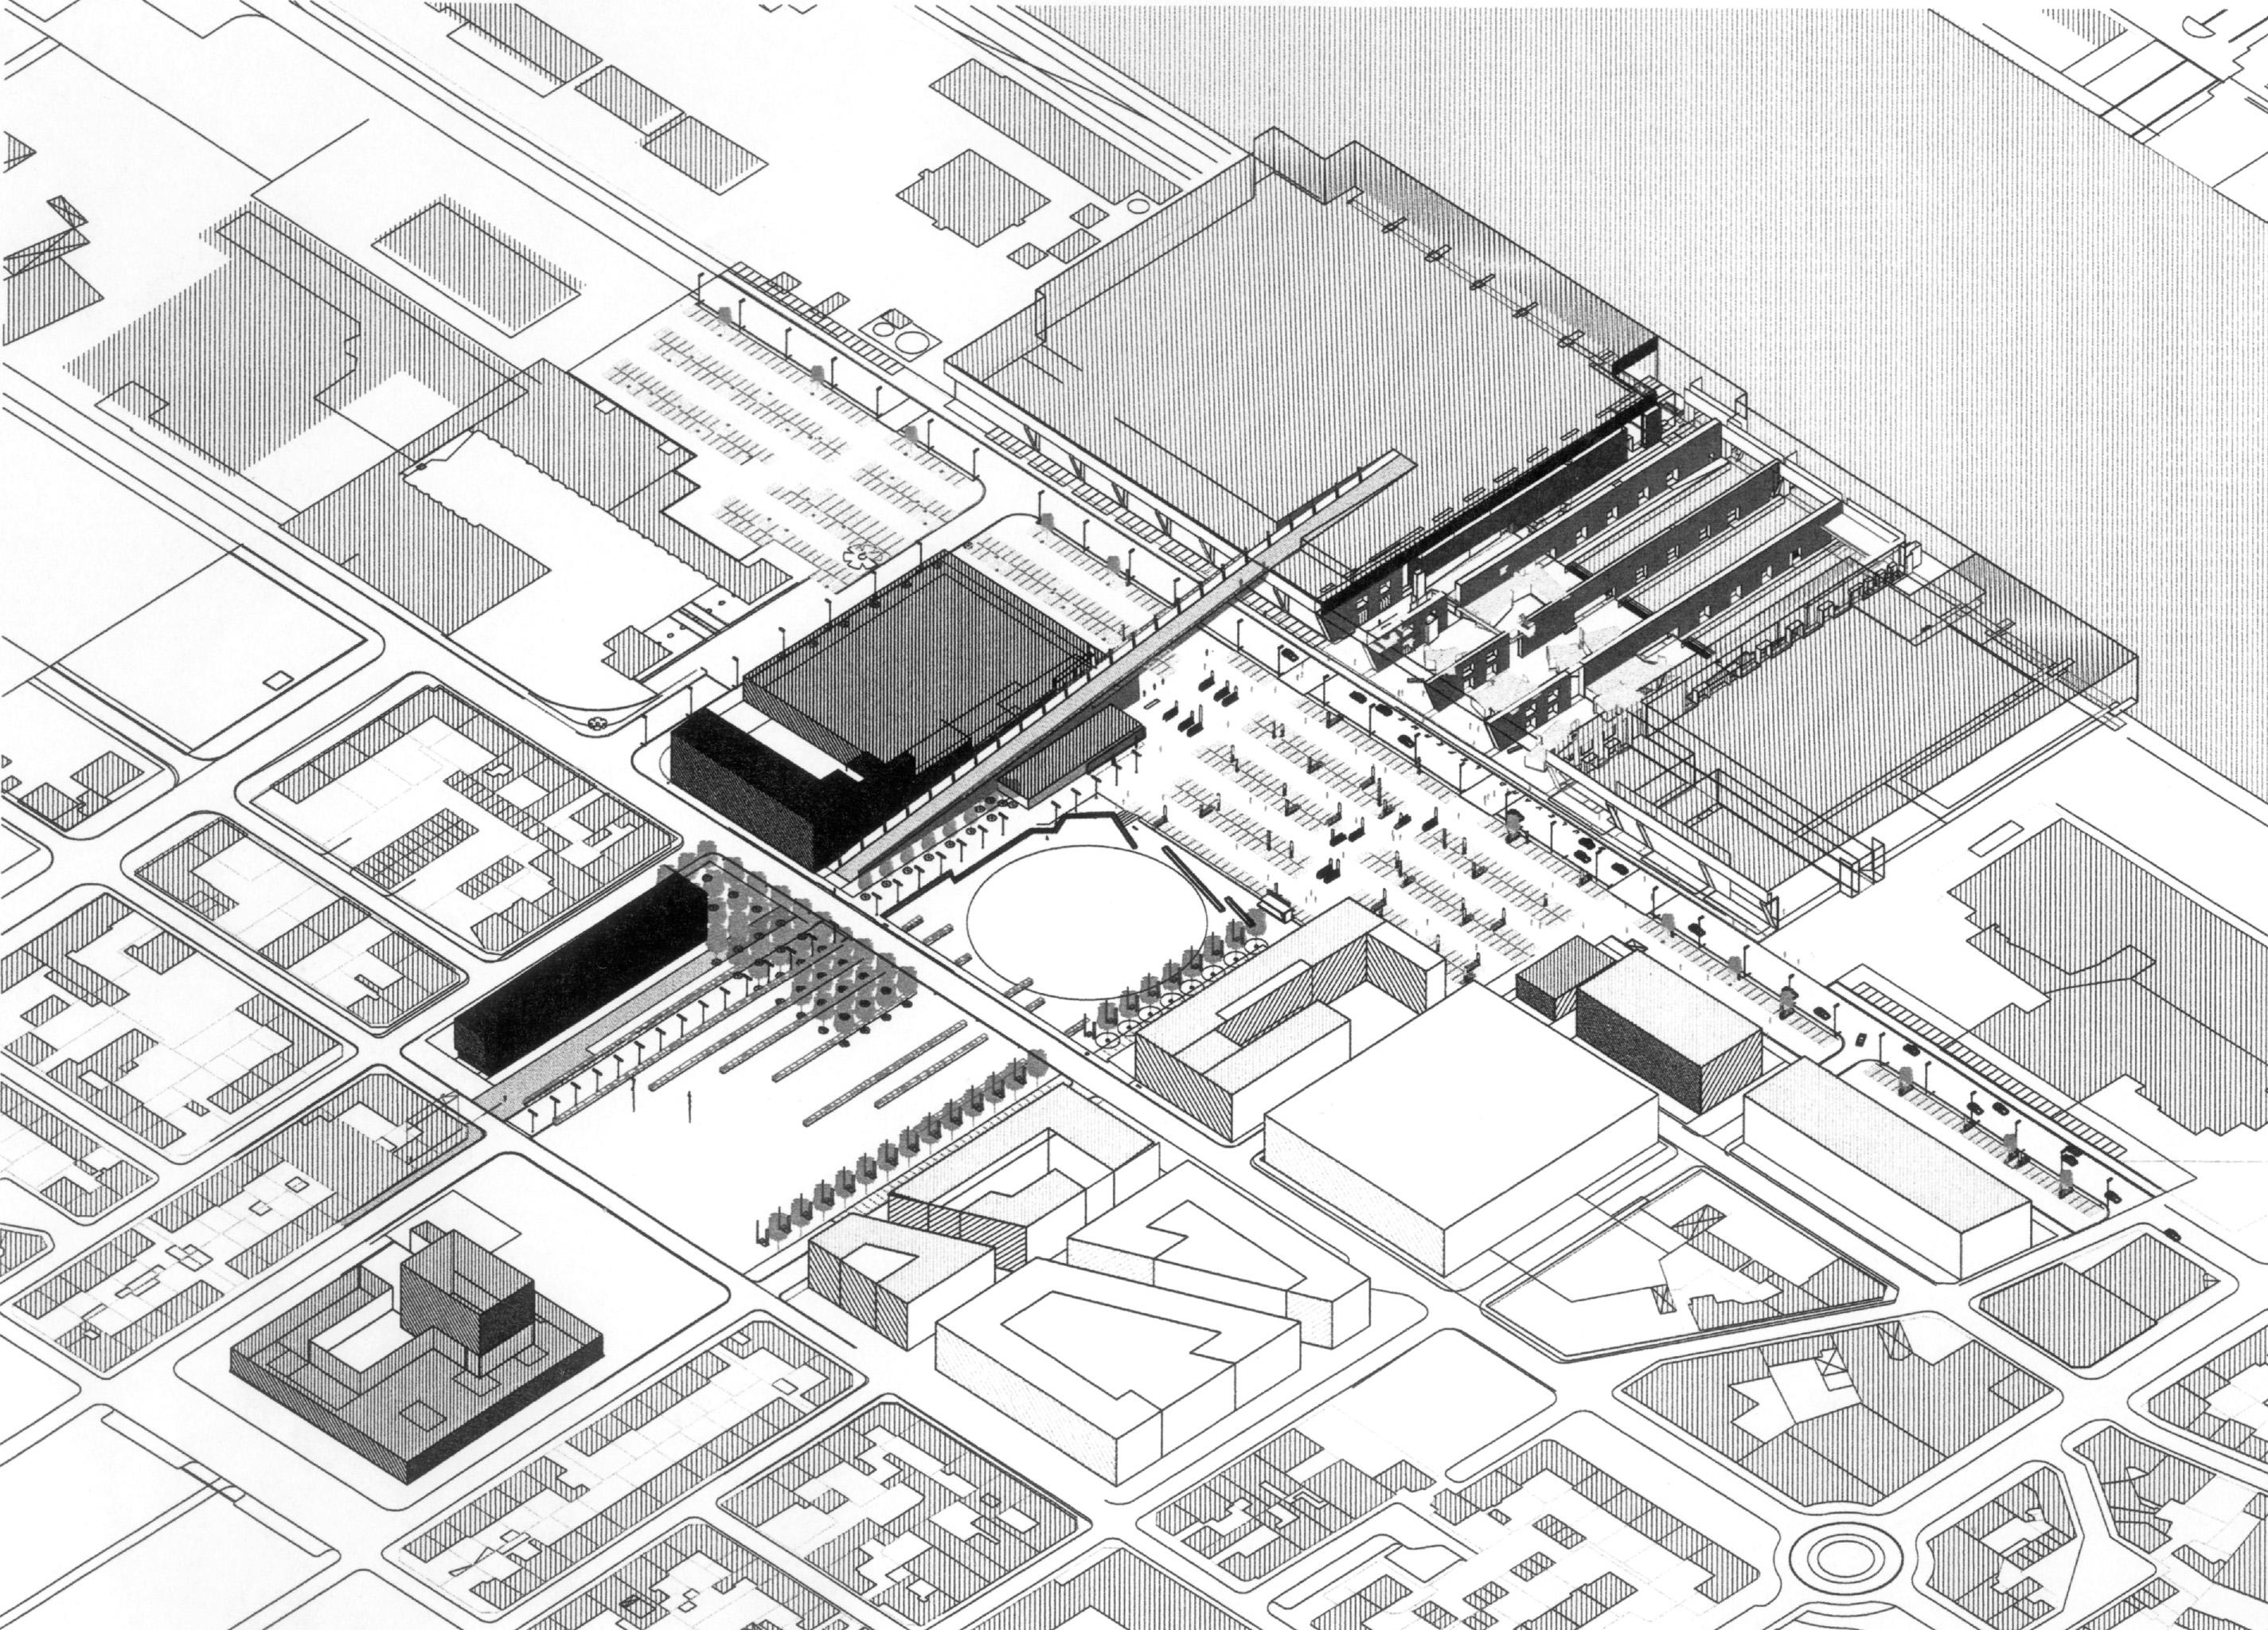 Urban e saint nazaire 1996 2002 manuel de sol morales for Arquitectura naval pdf